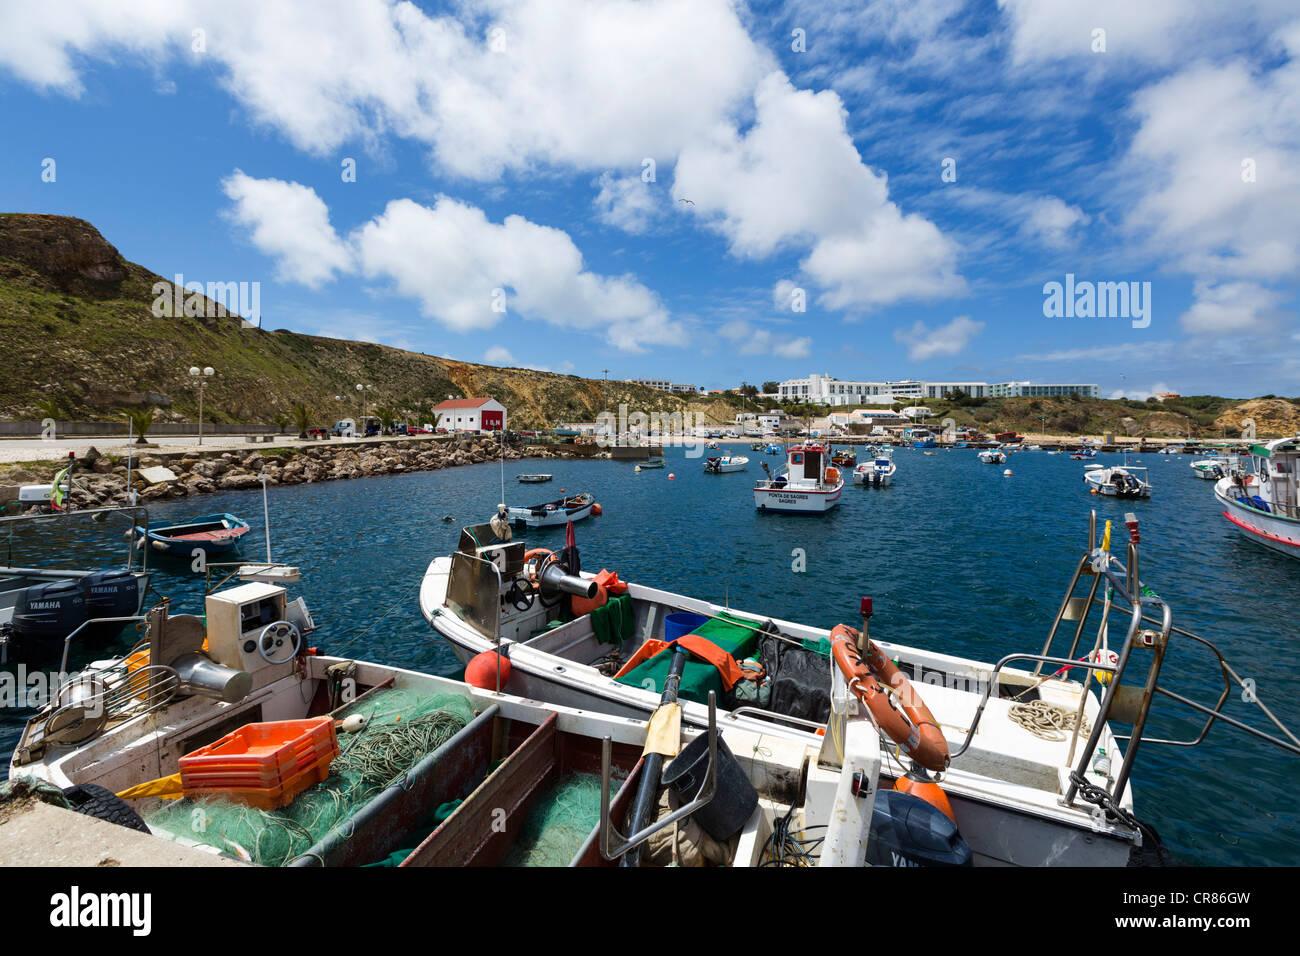 Fischerboote im Hafen von Sagres, Algarve, Portugal Stockbild